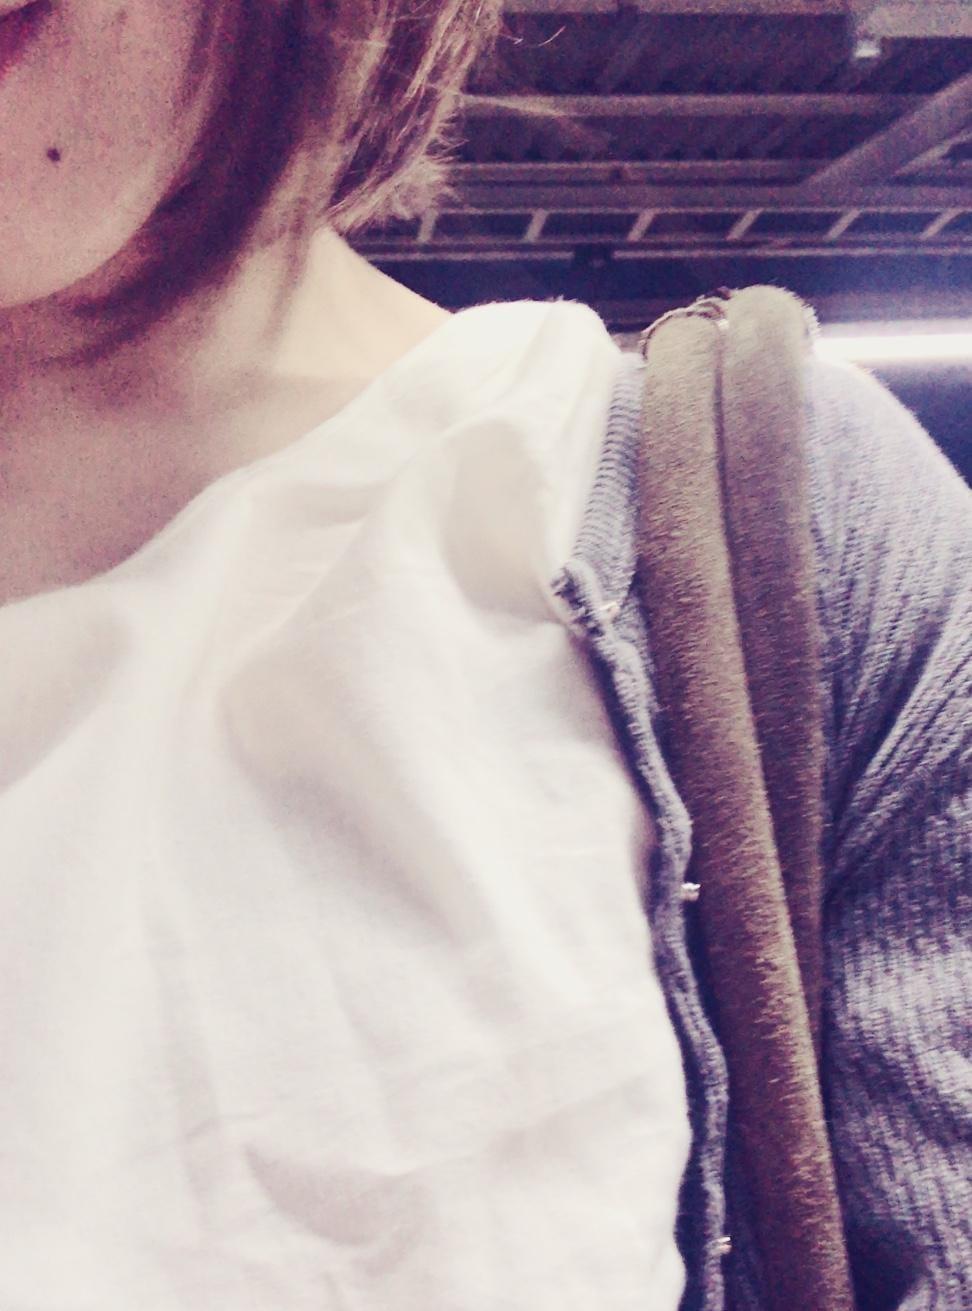 「ありがとうございました♡」10/23(火) 00:20 | とわの写メ・風俗動画